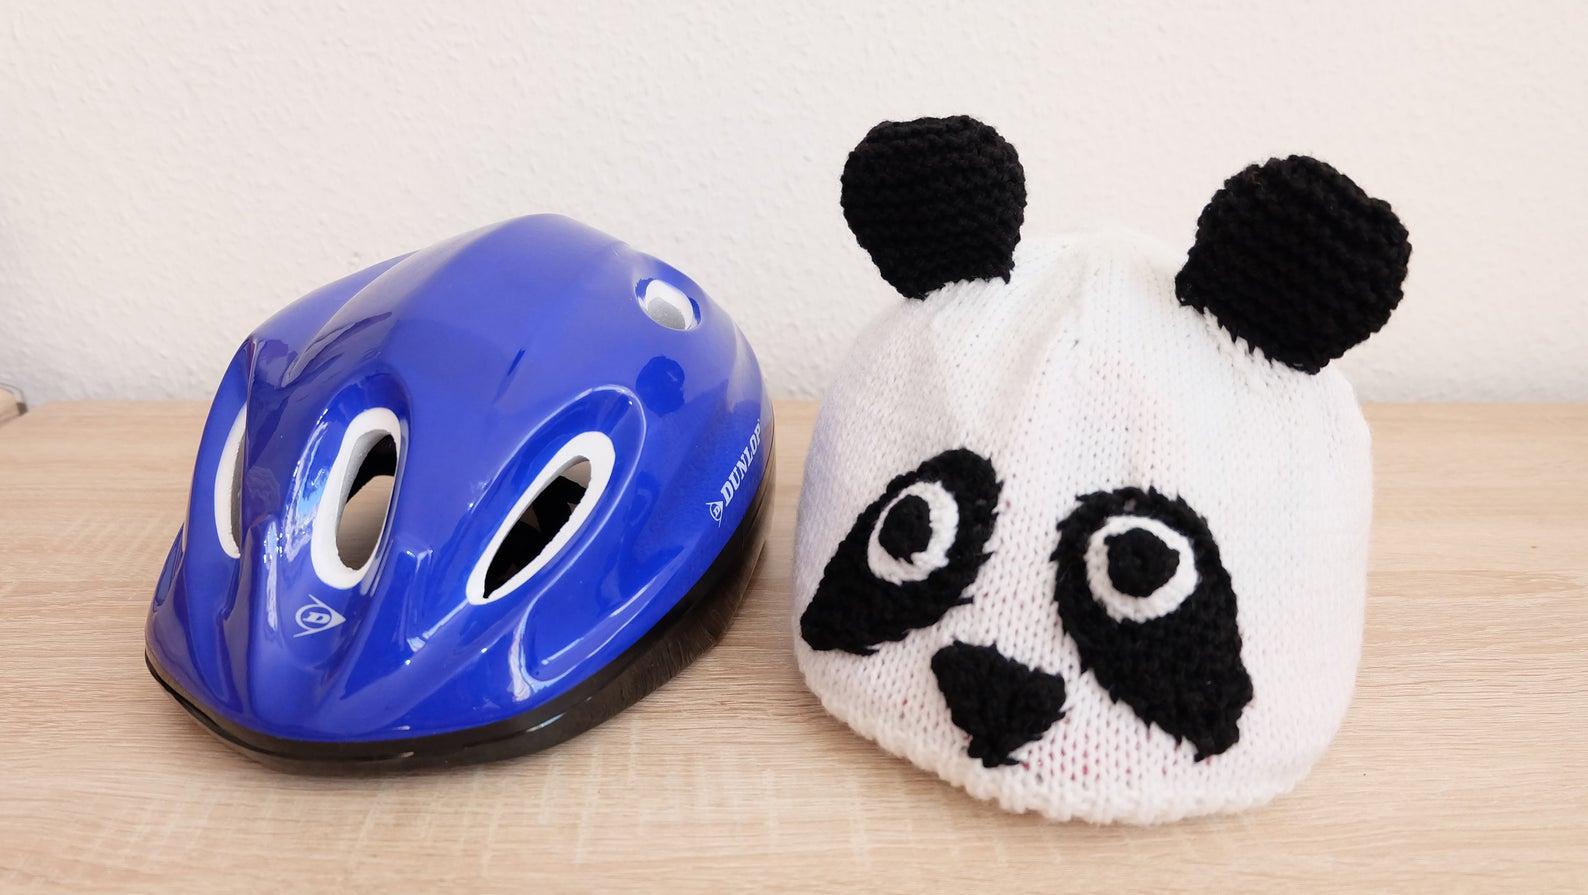 Kinder-Fahrradhelmüberzug Panda